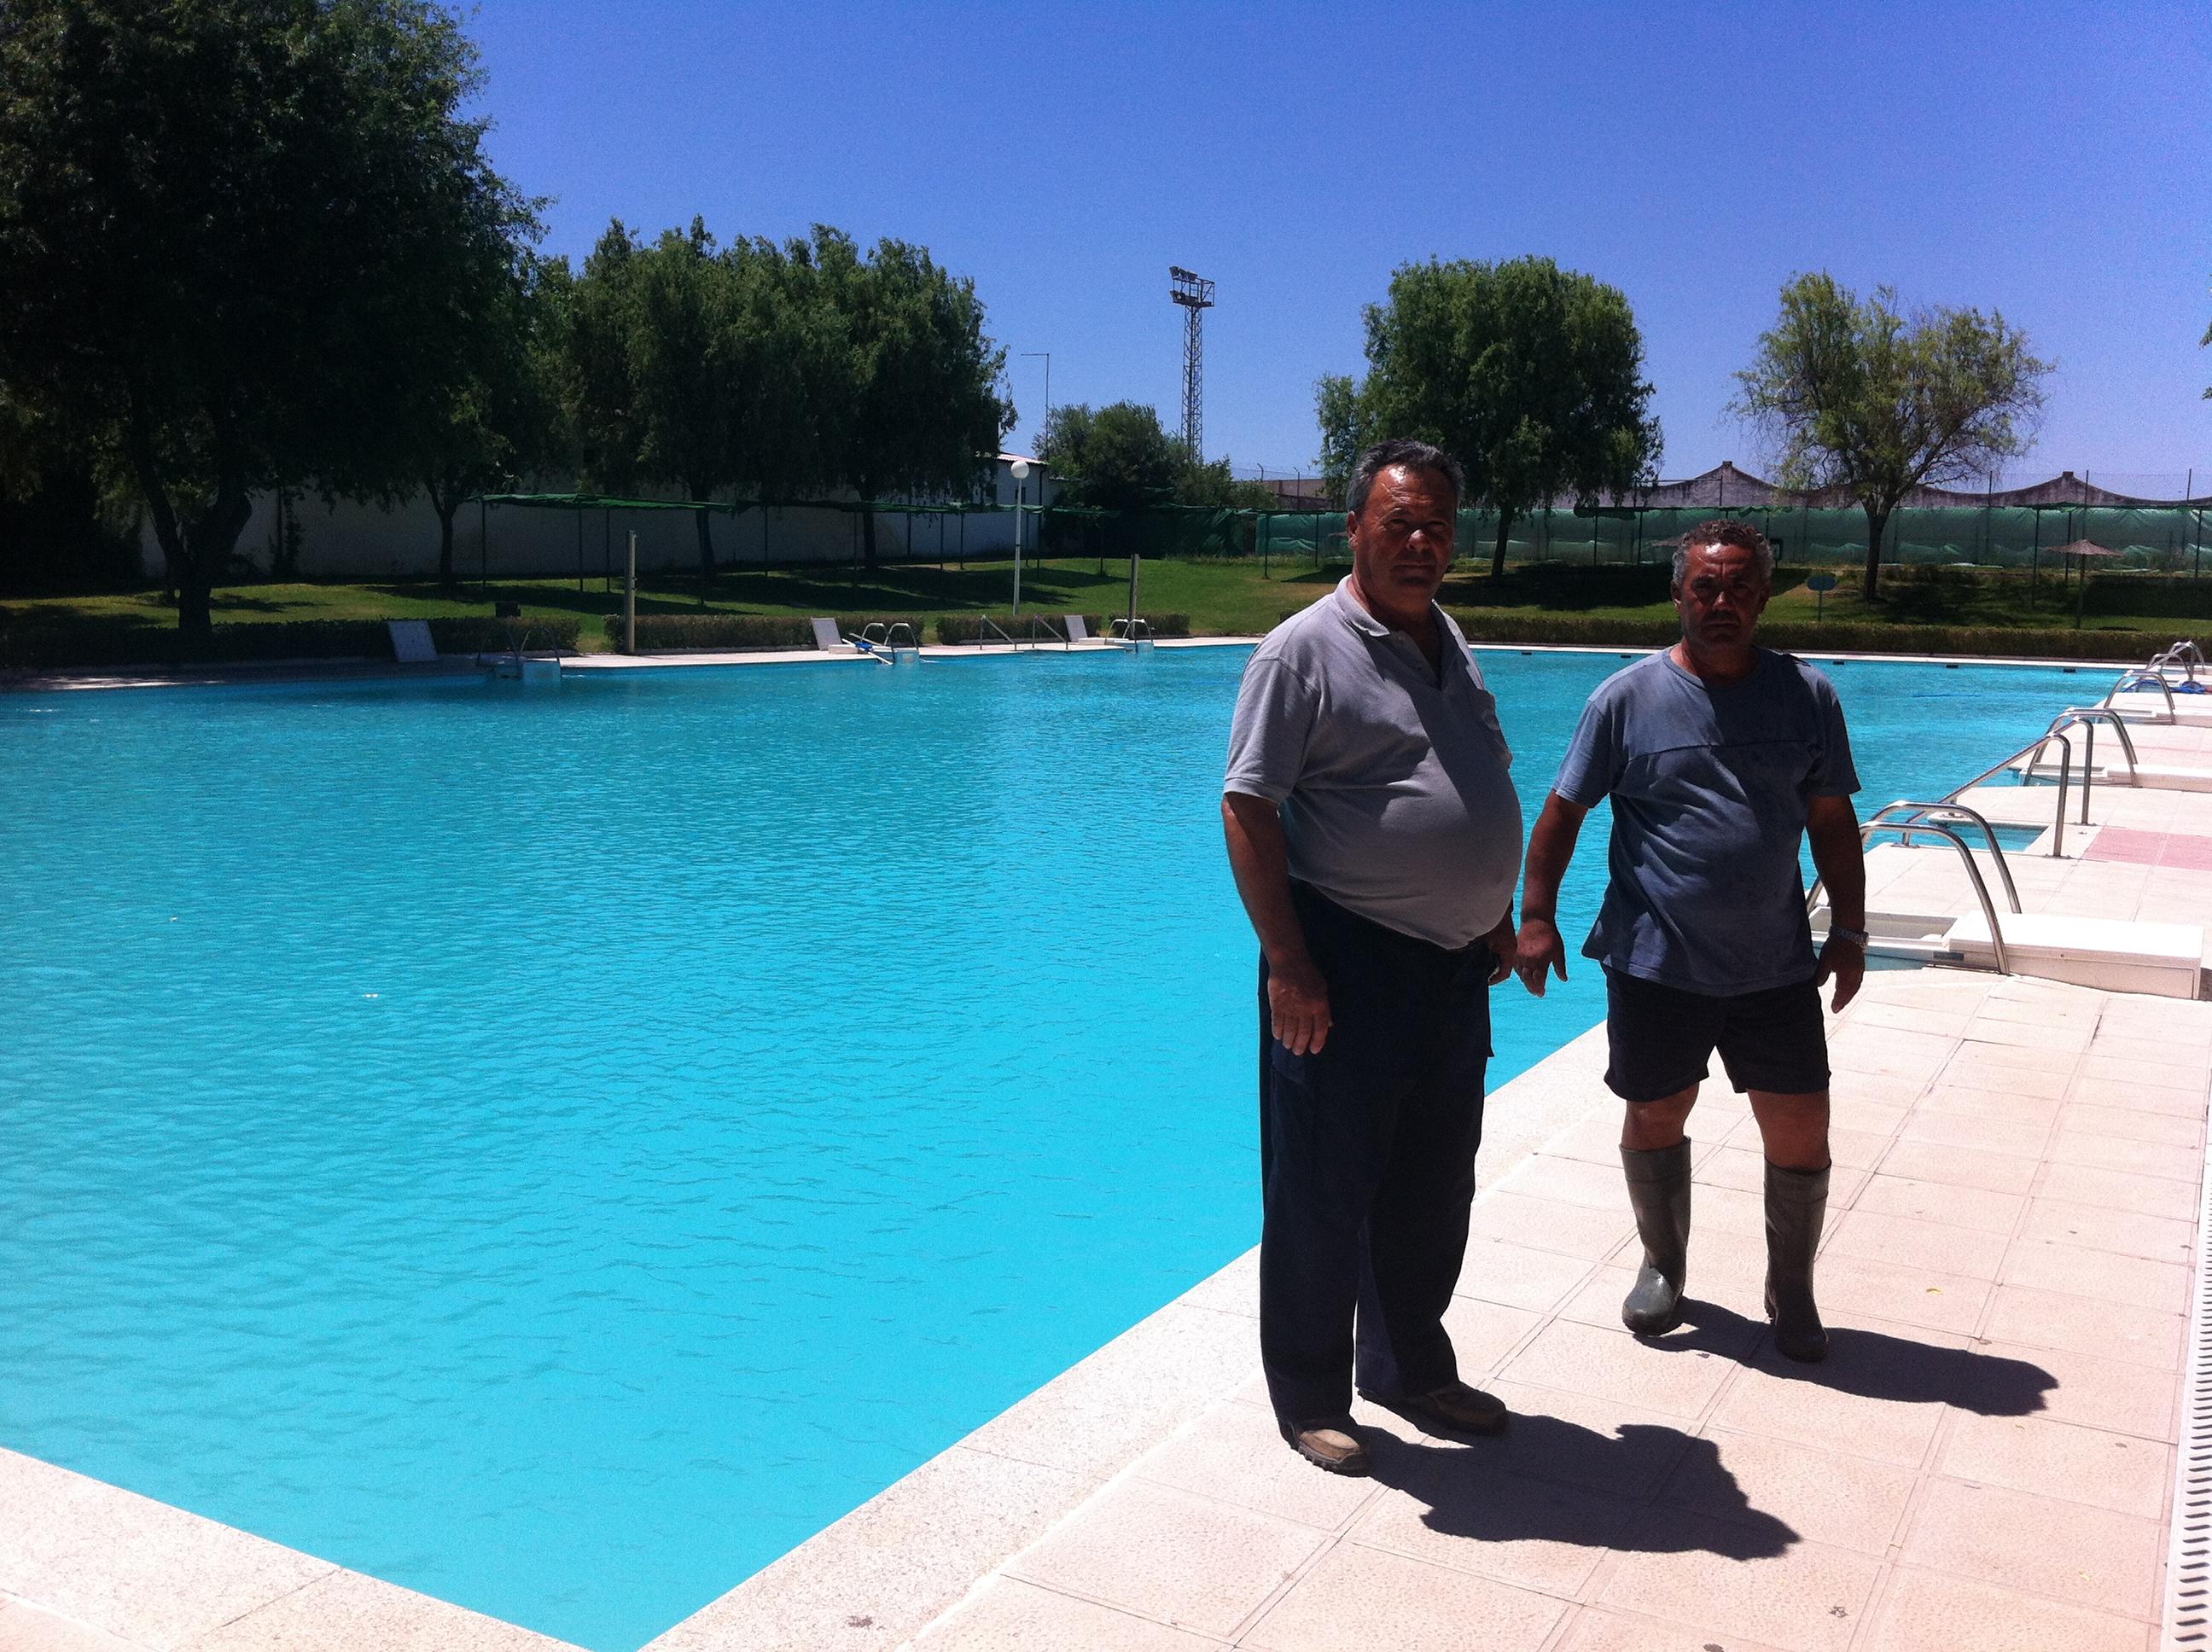 La piscina municipal abrir el 23 de junio arroyodelaluz for Piscina municipal caceres